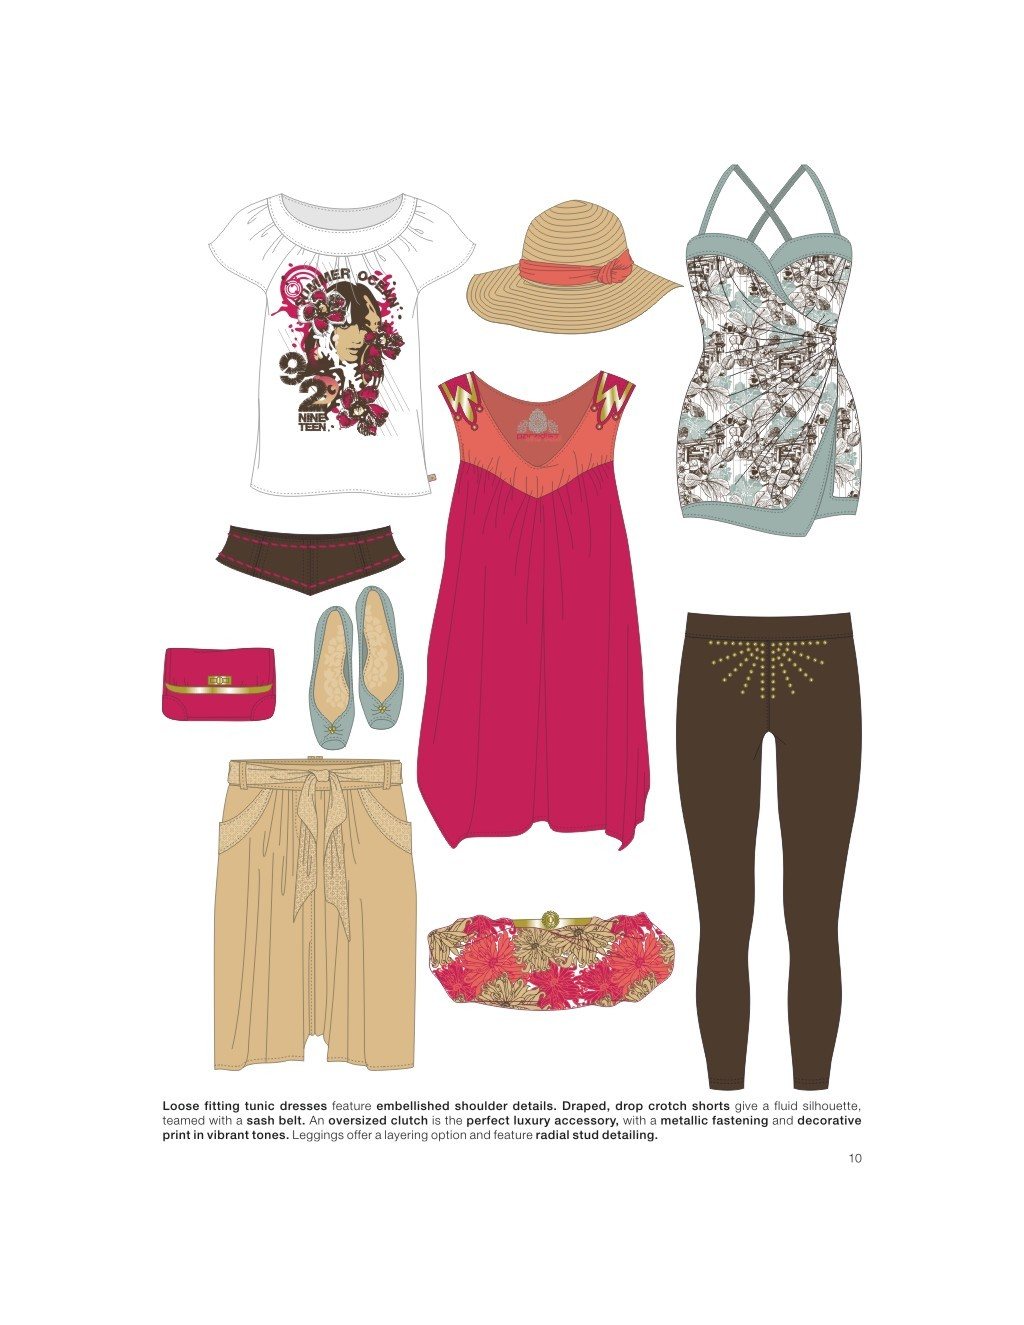 矢量服装手绘效果图 服装款式手稿 流行t恤 时尚潮流 创意图案 电脑